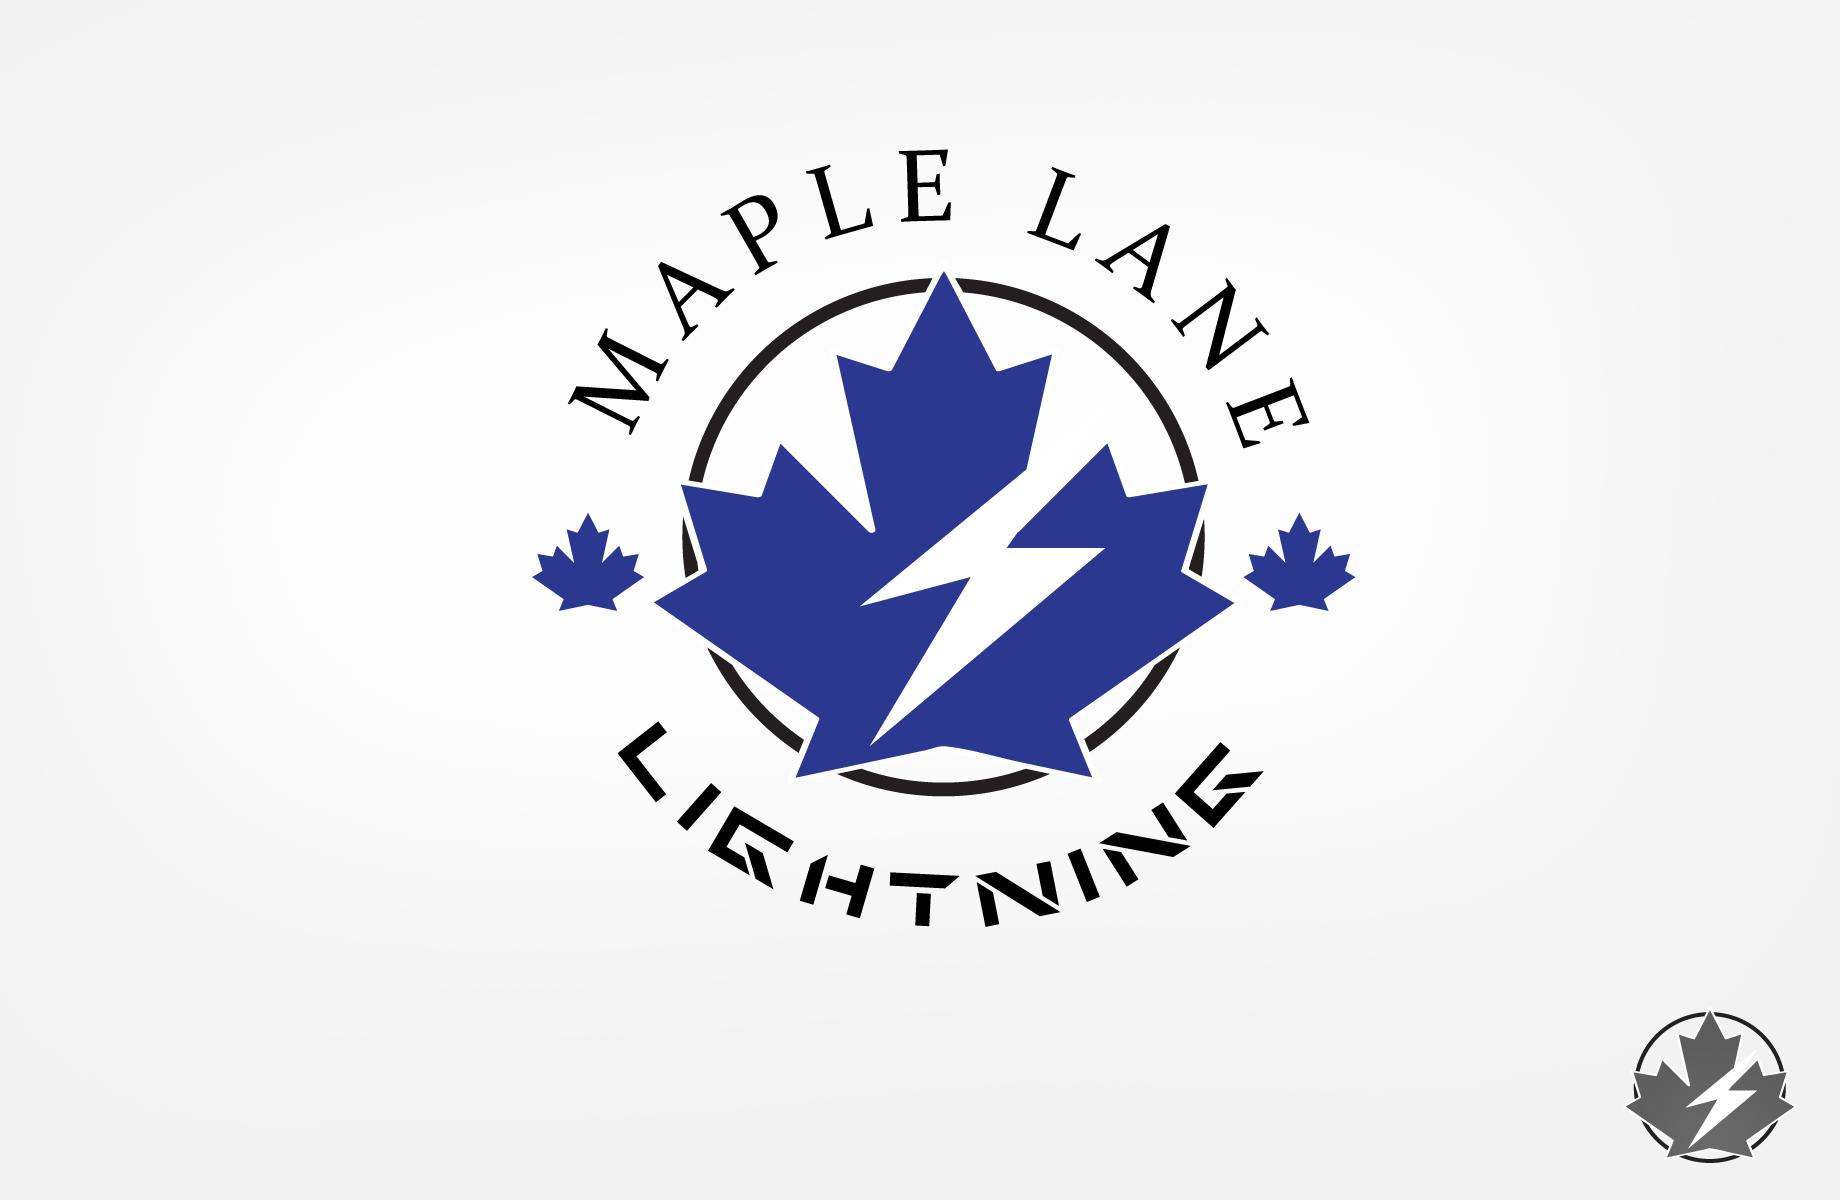 Logo Design by Jan Chua - Entry No. 40 in the Logo Design Contest Maple Lane Logo Design.